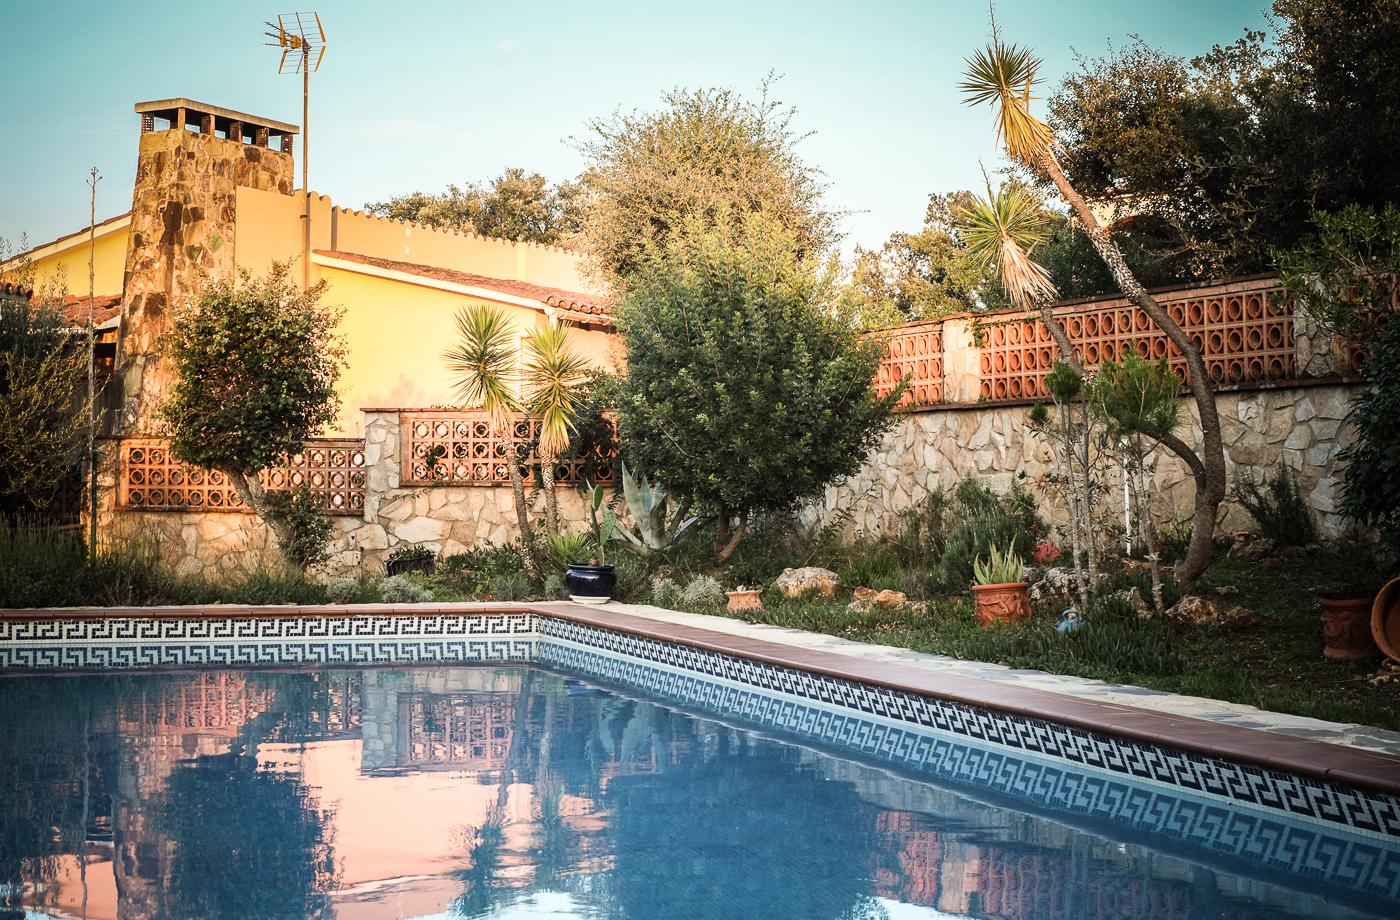 Dolphi's Pool